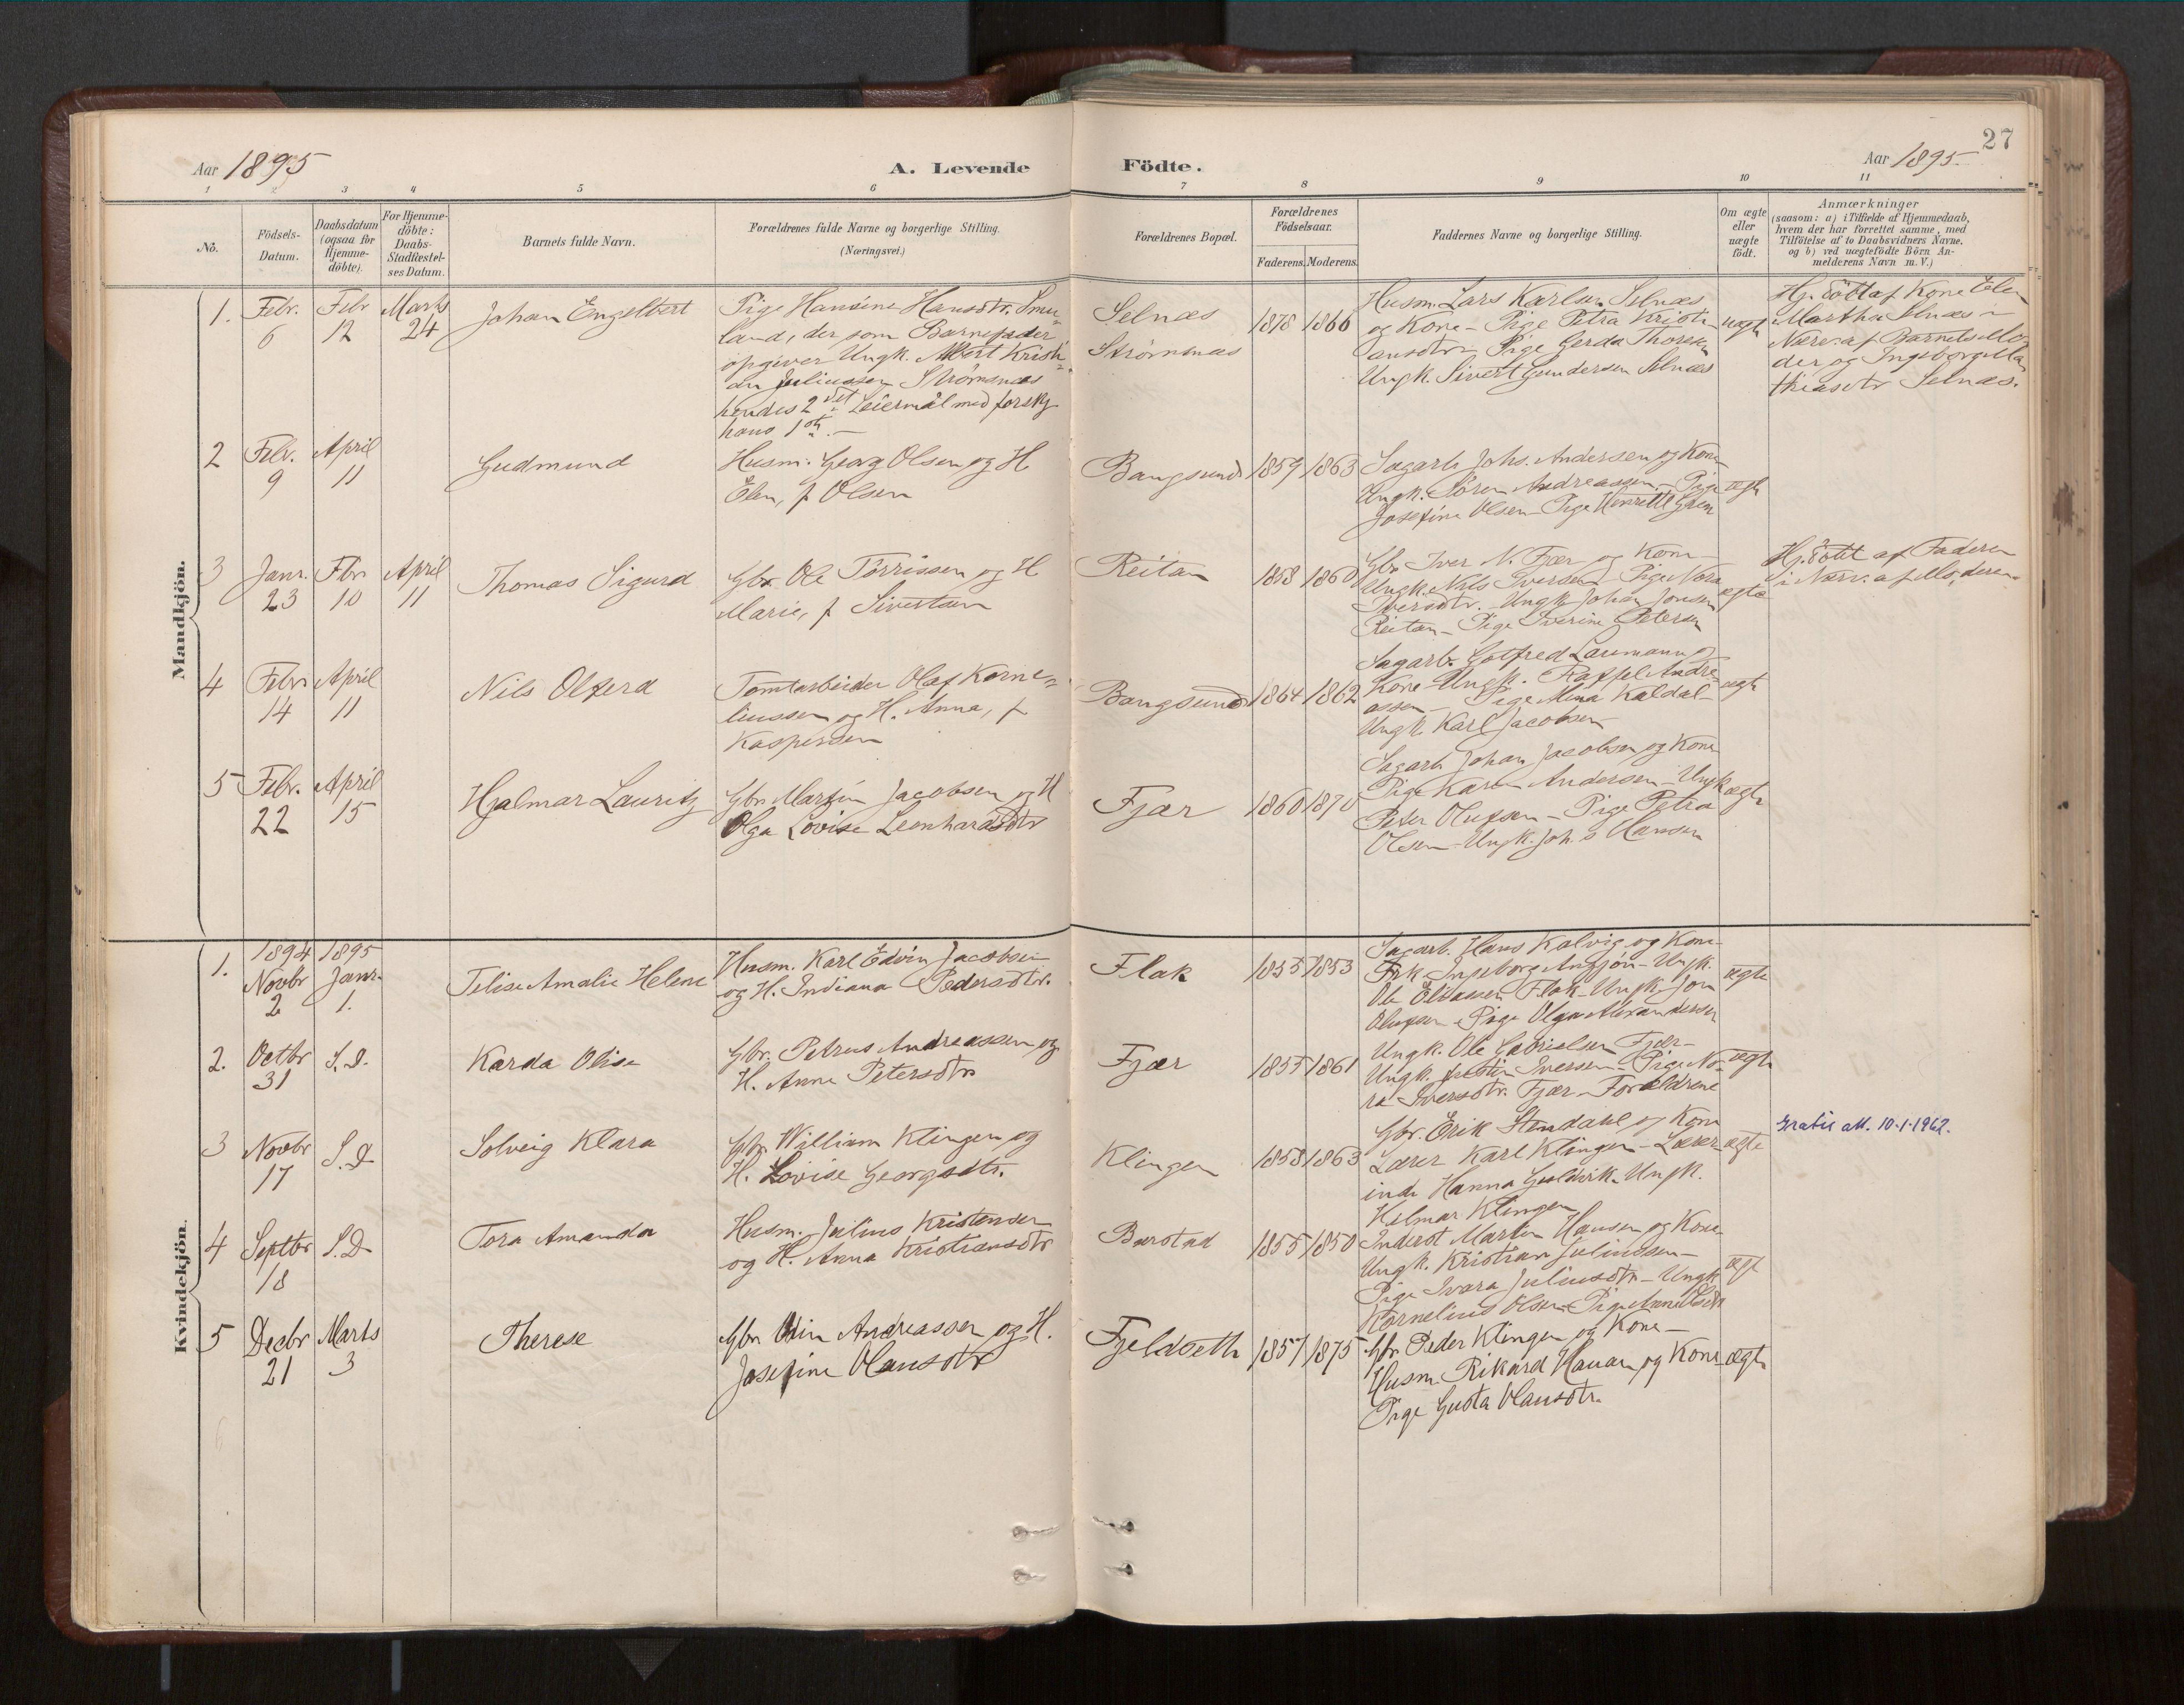 SAT, Ministerialprotokoller, klokkerbøker og fødselsregistre - Nord-Trøndelag, 770/L0589: Ministerialbok nr. 770A03, 1887-1929, s. 27